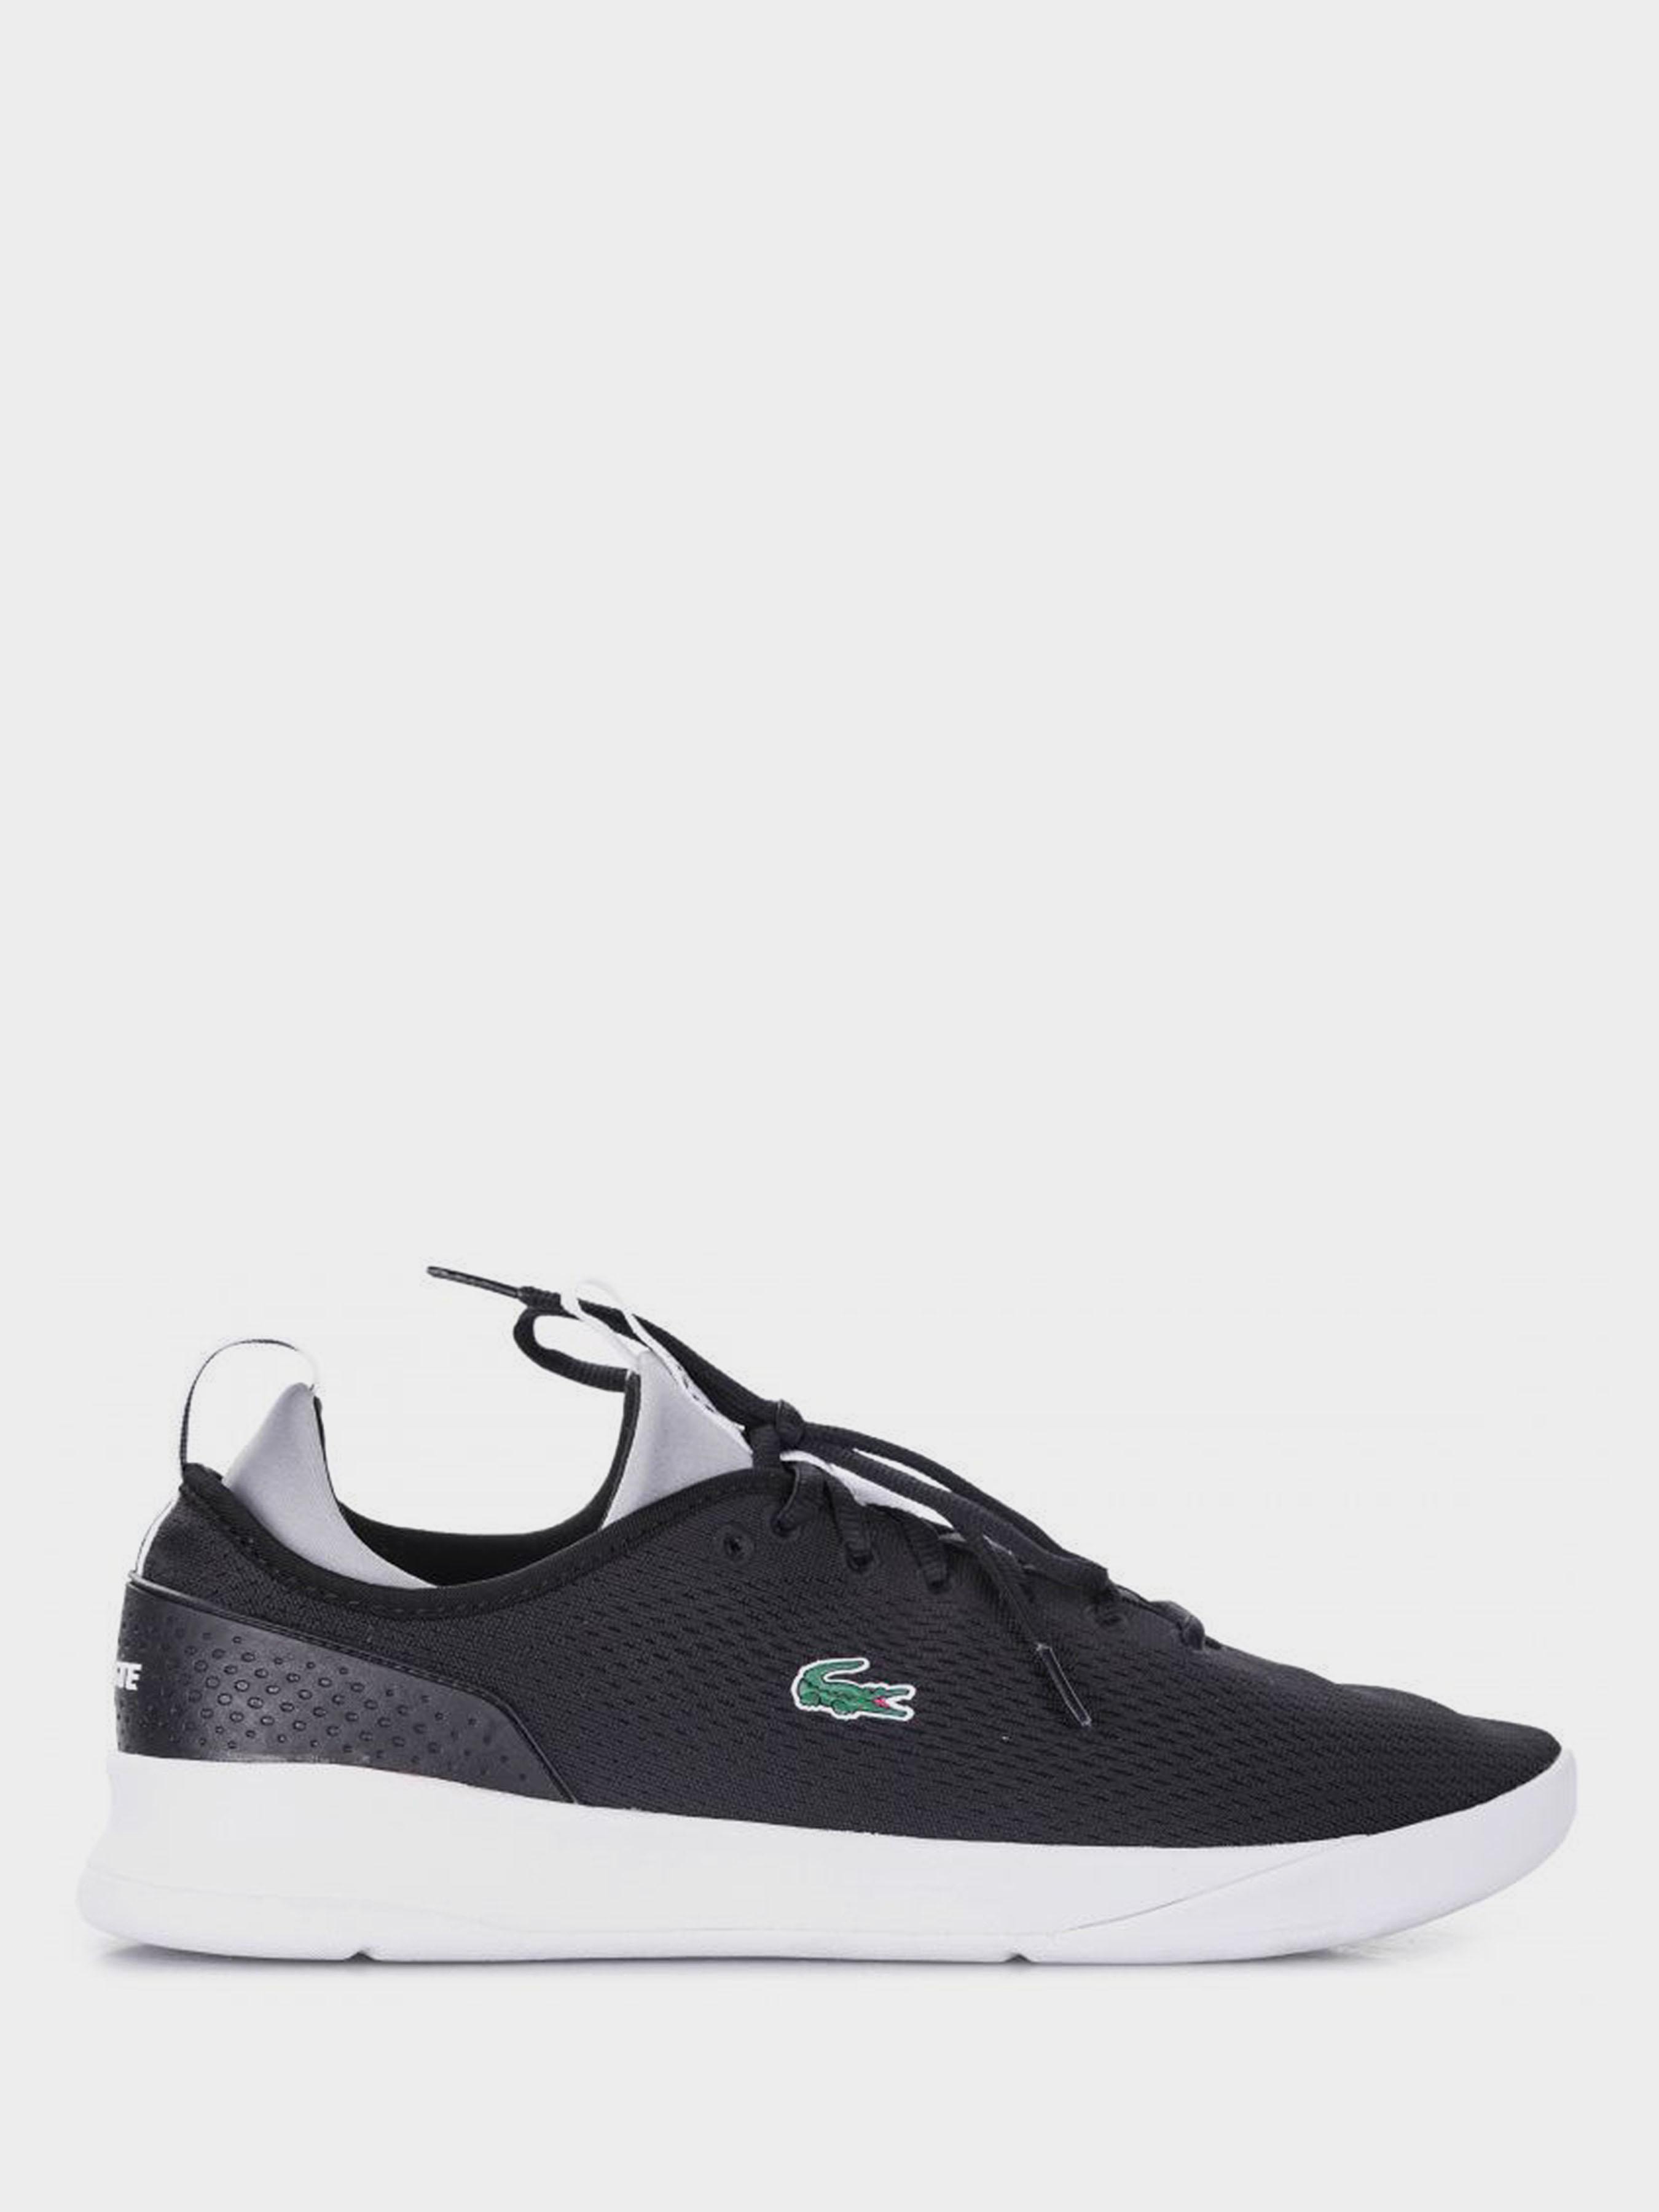 Кроссовки мужские Lacoste LK156 размеры обуви, 2017